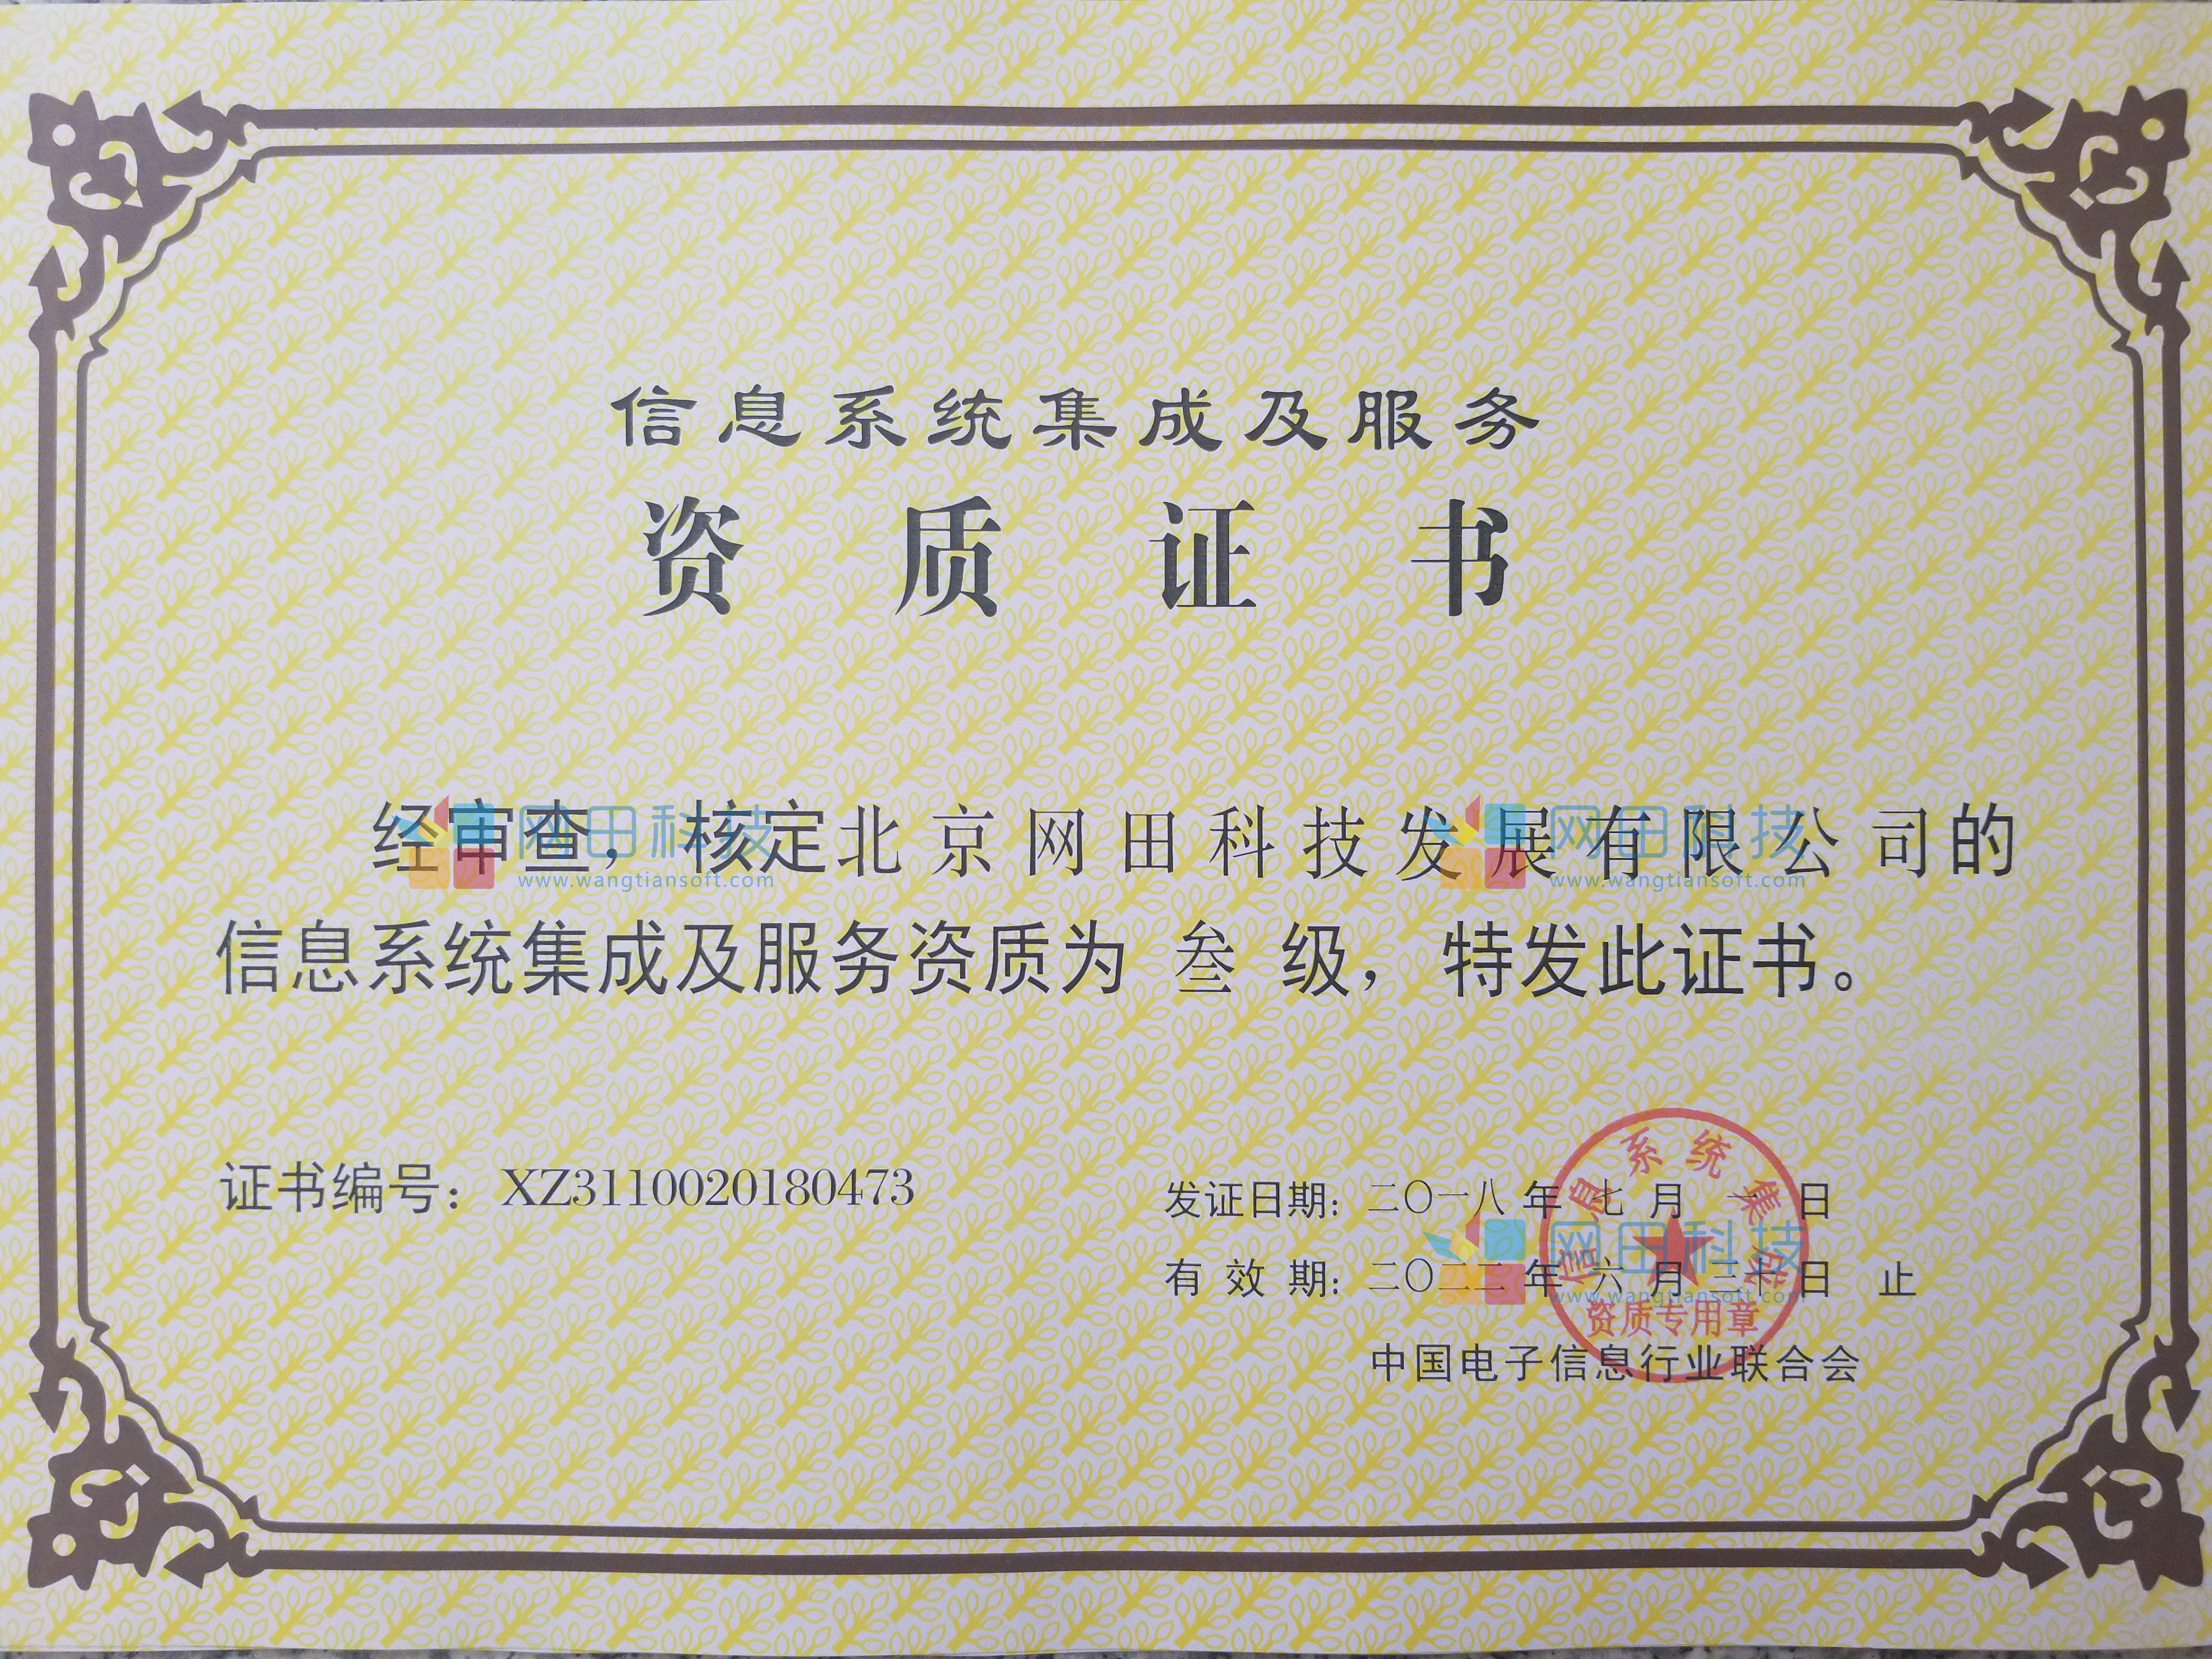 信息系統集成及服務叁級認證